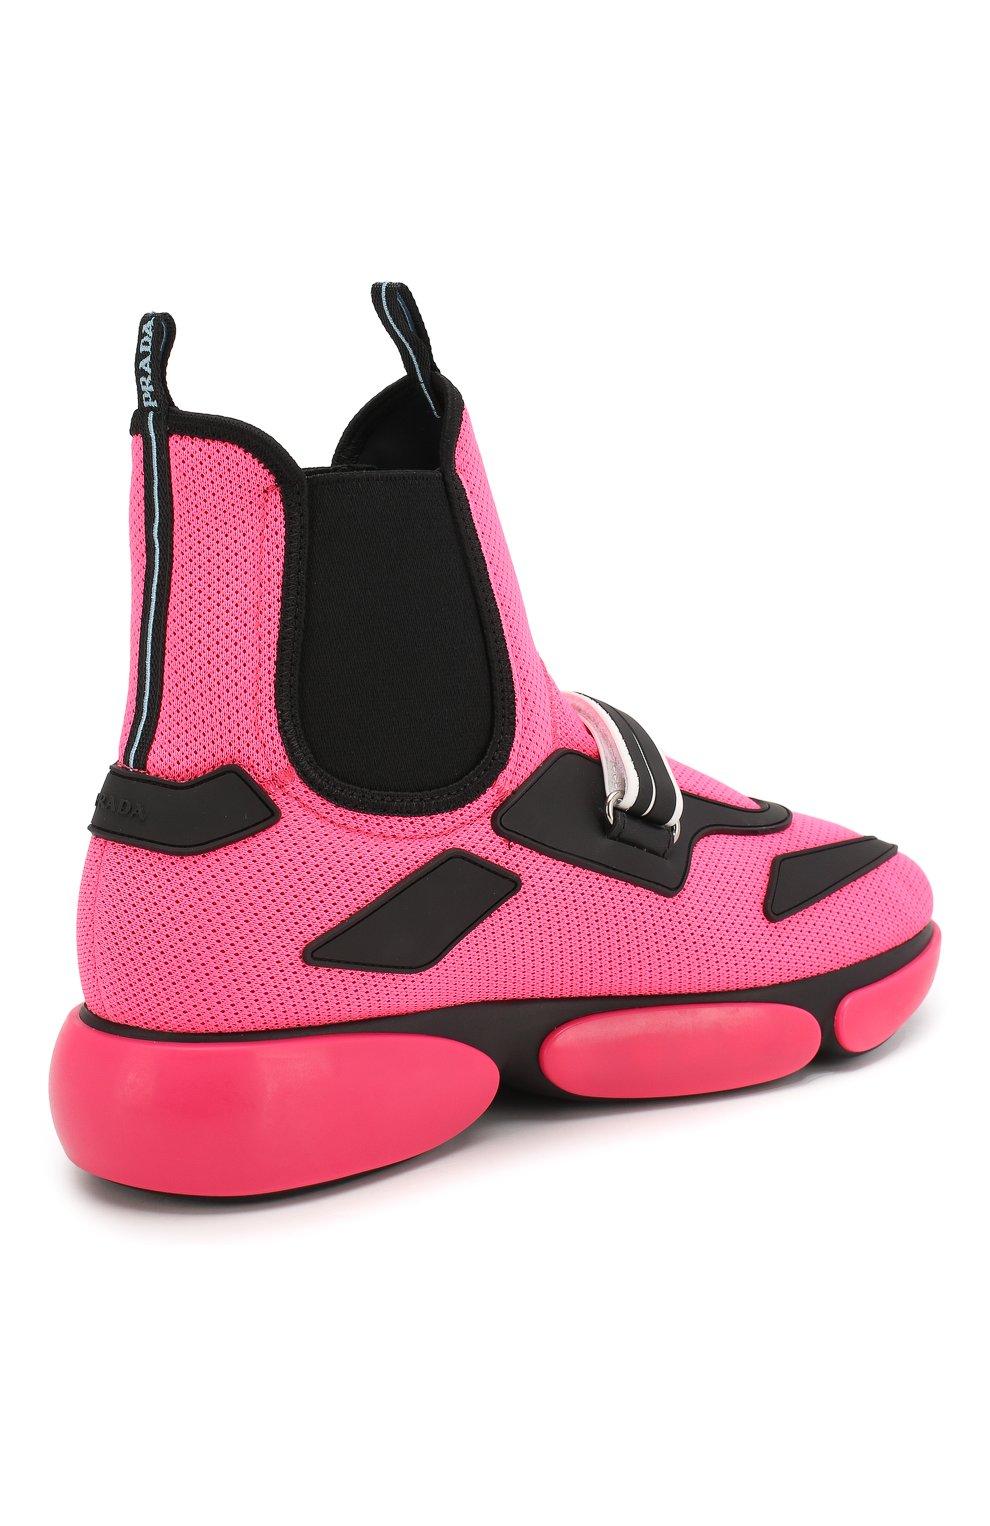 b34cbec3f8d2 Женская обувь Prada по цене от 35 000 руб. купить в интернет-магазине ЦУМ